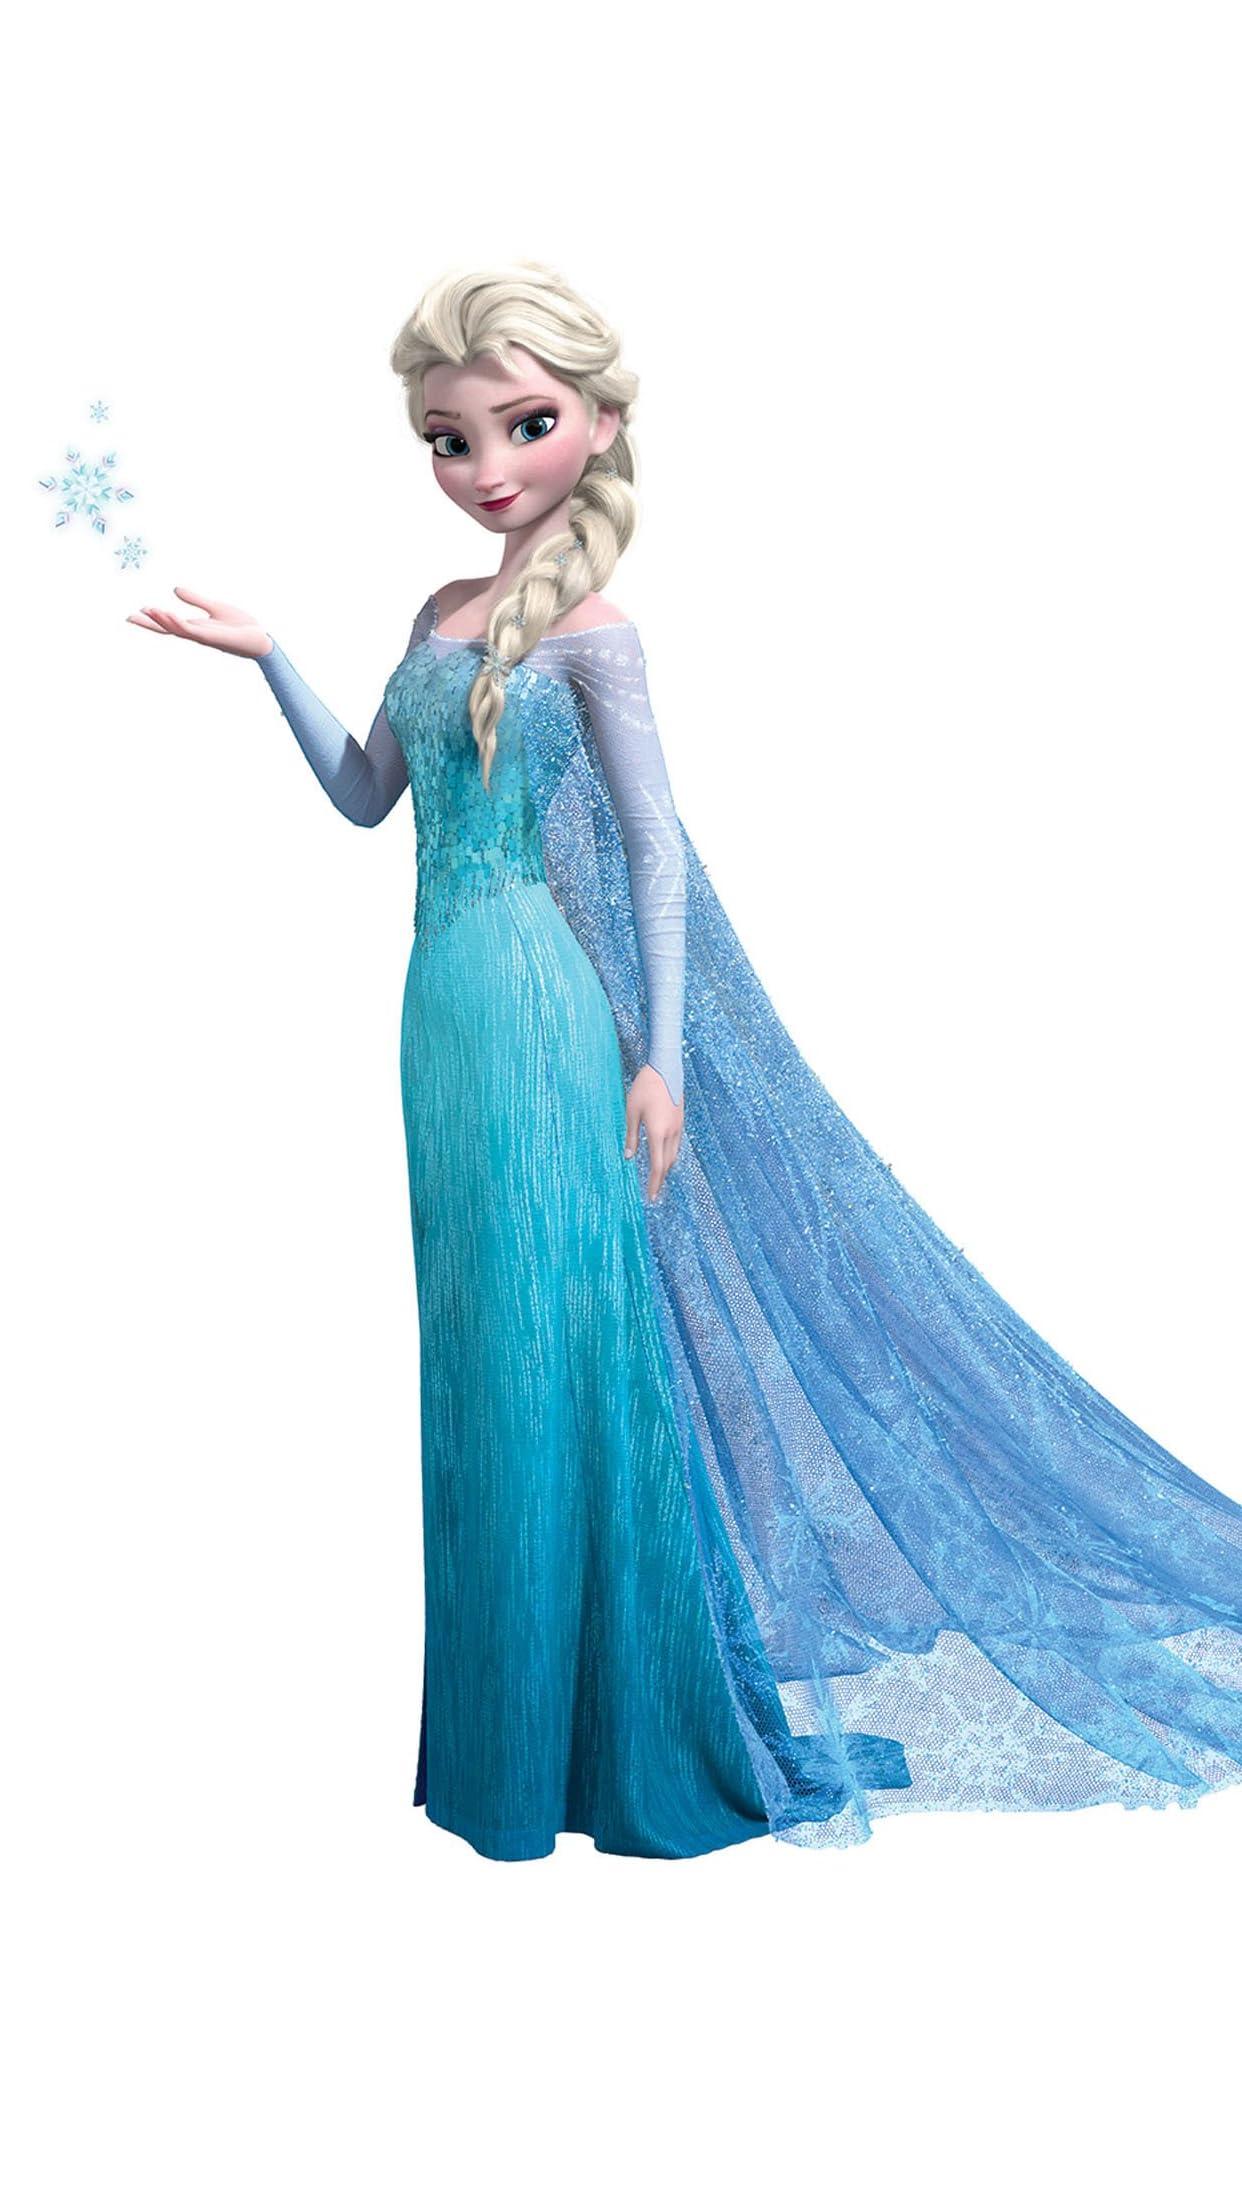 ディズニー エルサ (Queen Elsa of Arendelle)『アナと雪の女王』 iPhone8,7,6 Plus 壁紙(1242×2208)画像